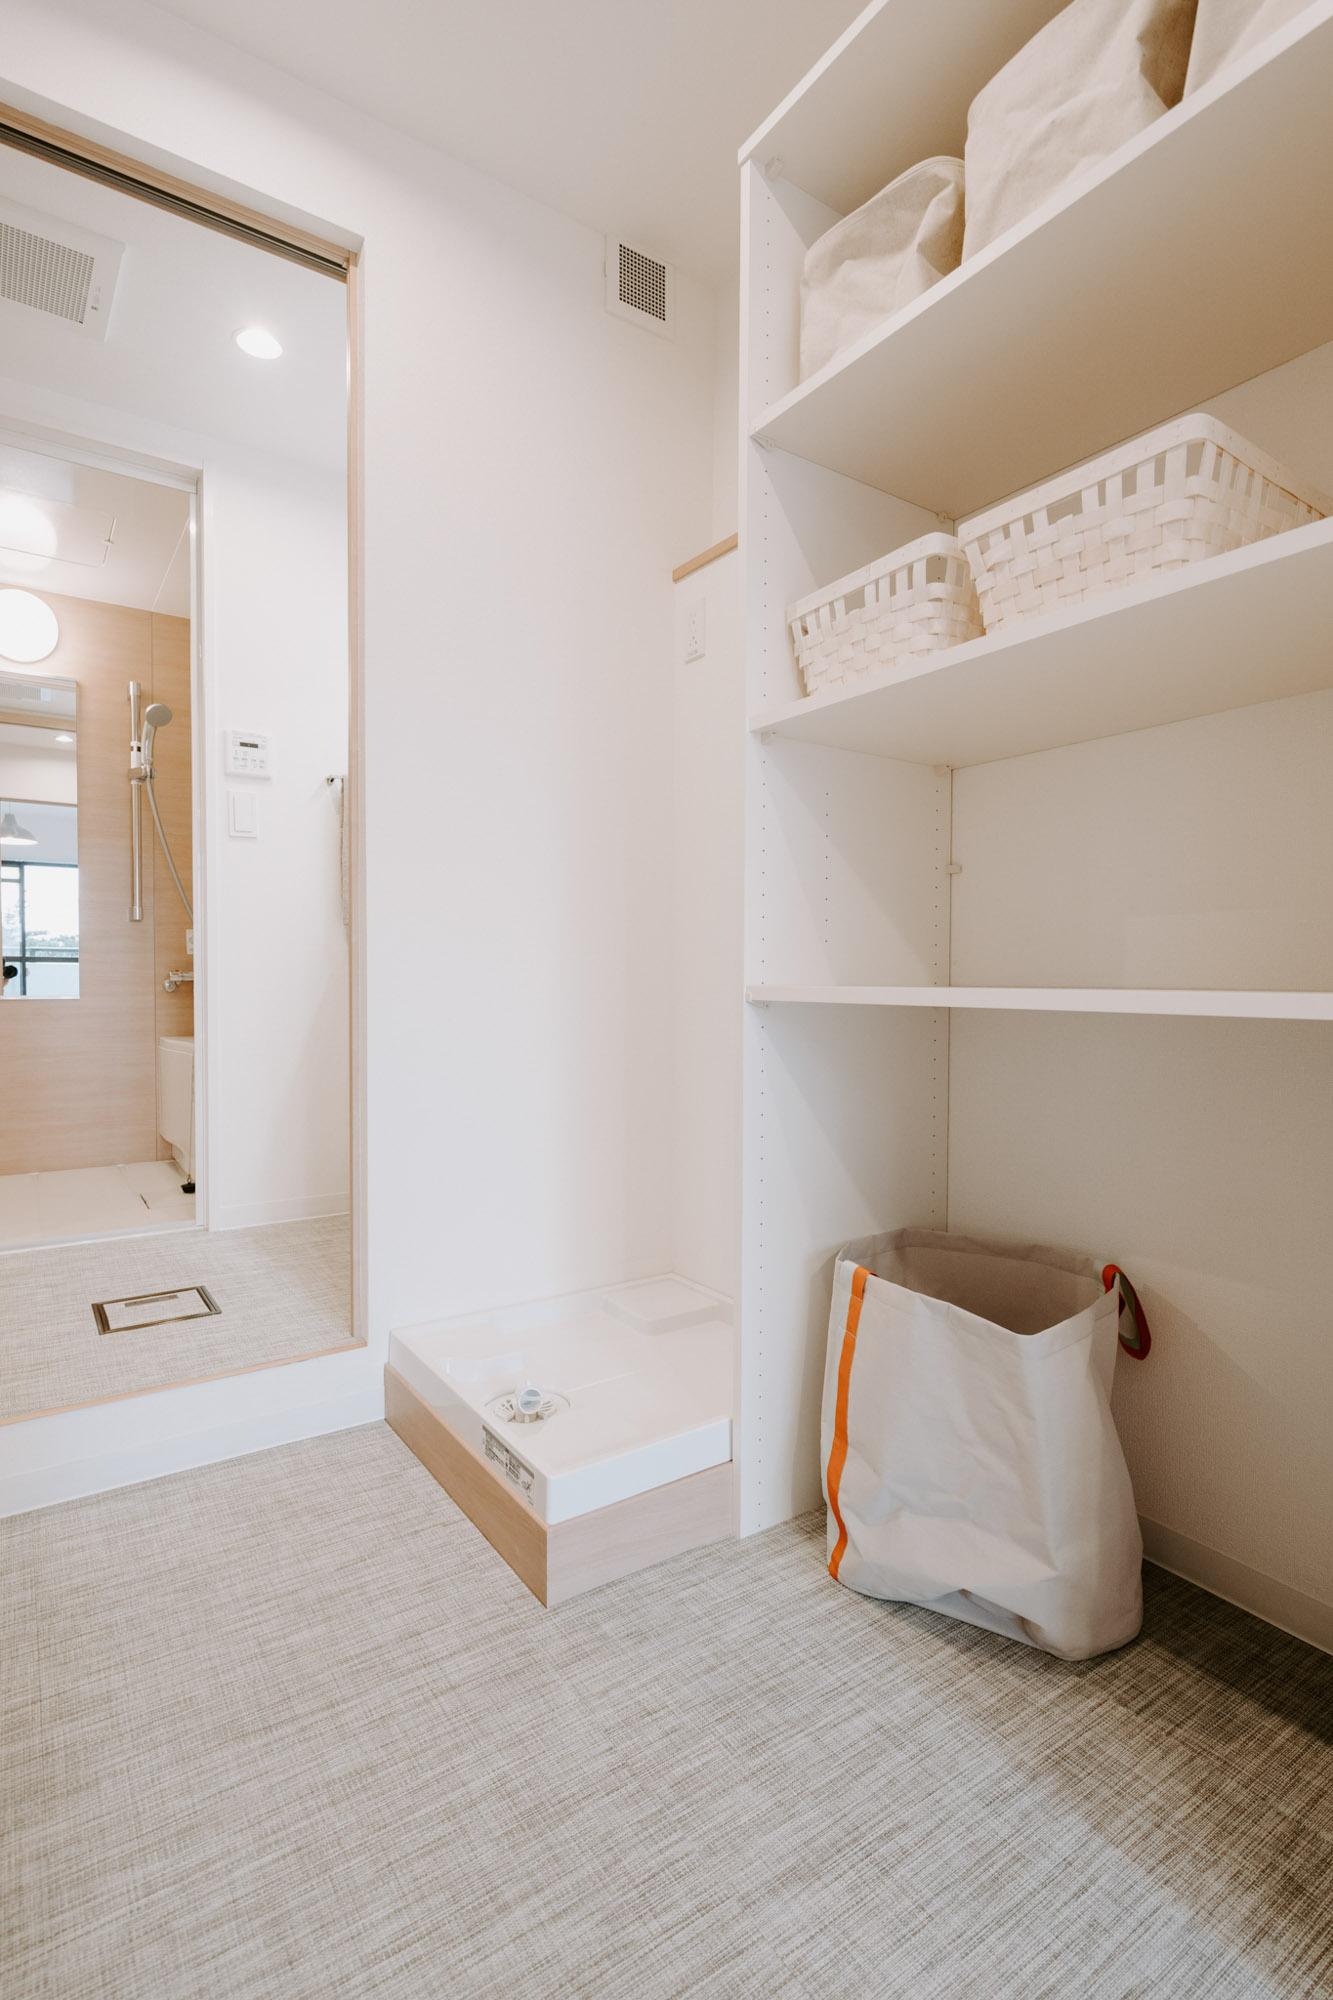 こちらはランドリーと収納を兼ねた部屋。脱衣所で服を脱いだら、すぐに洗濯・乾燥機へ。